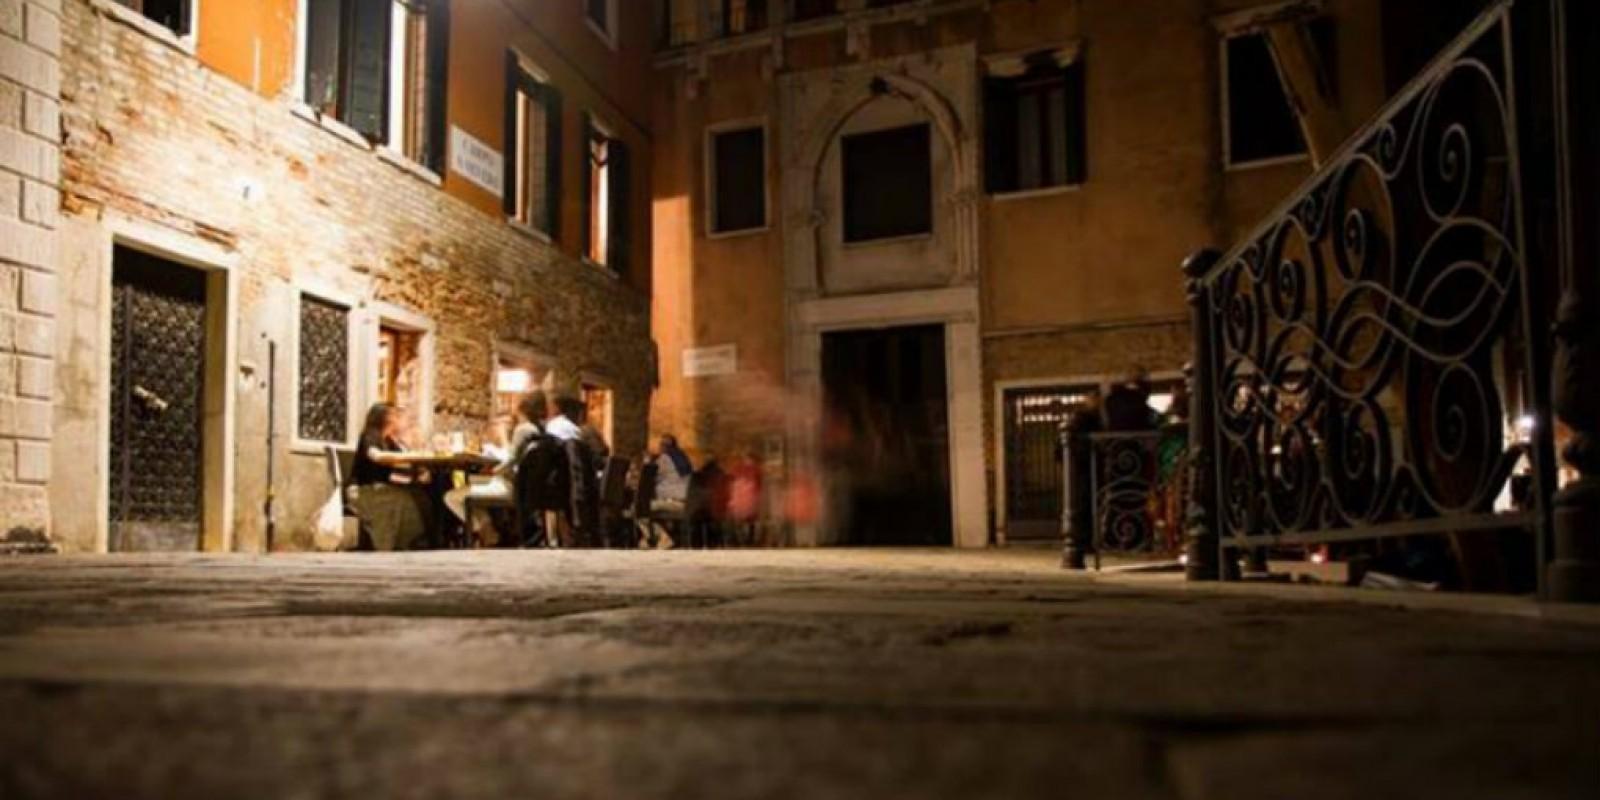 La cucina etnica a venezia il giro del mondo in 7 giorni for Ristorante amo venezia